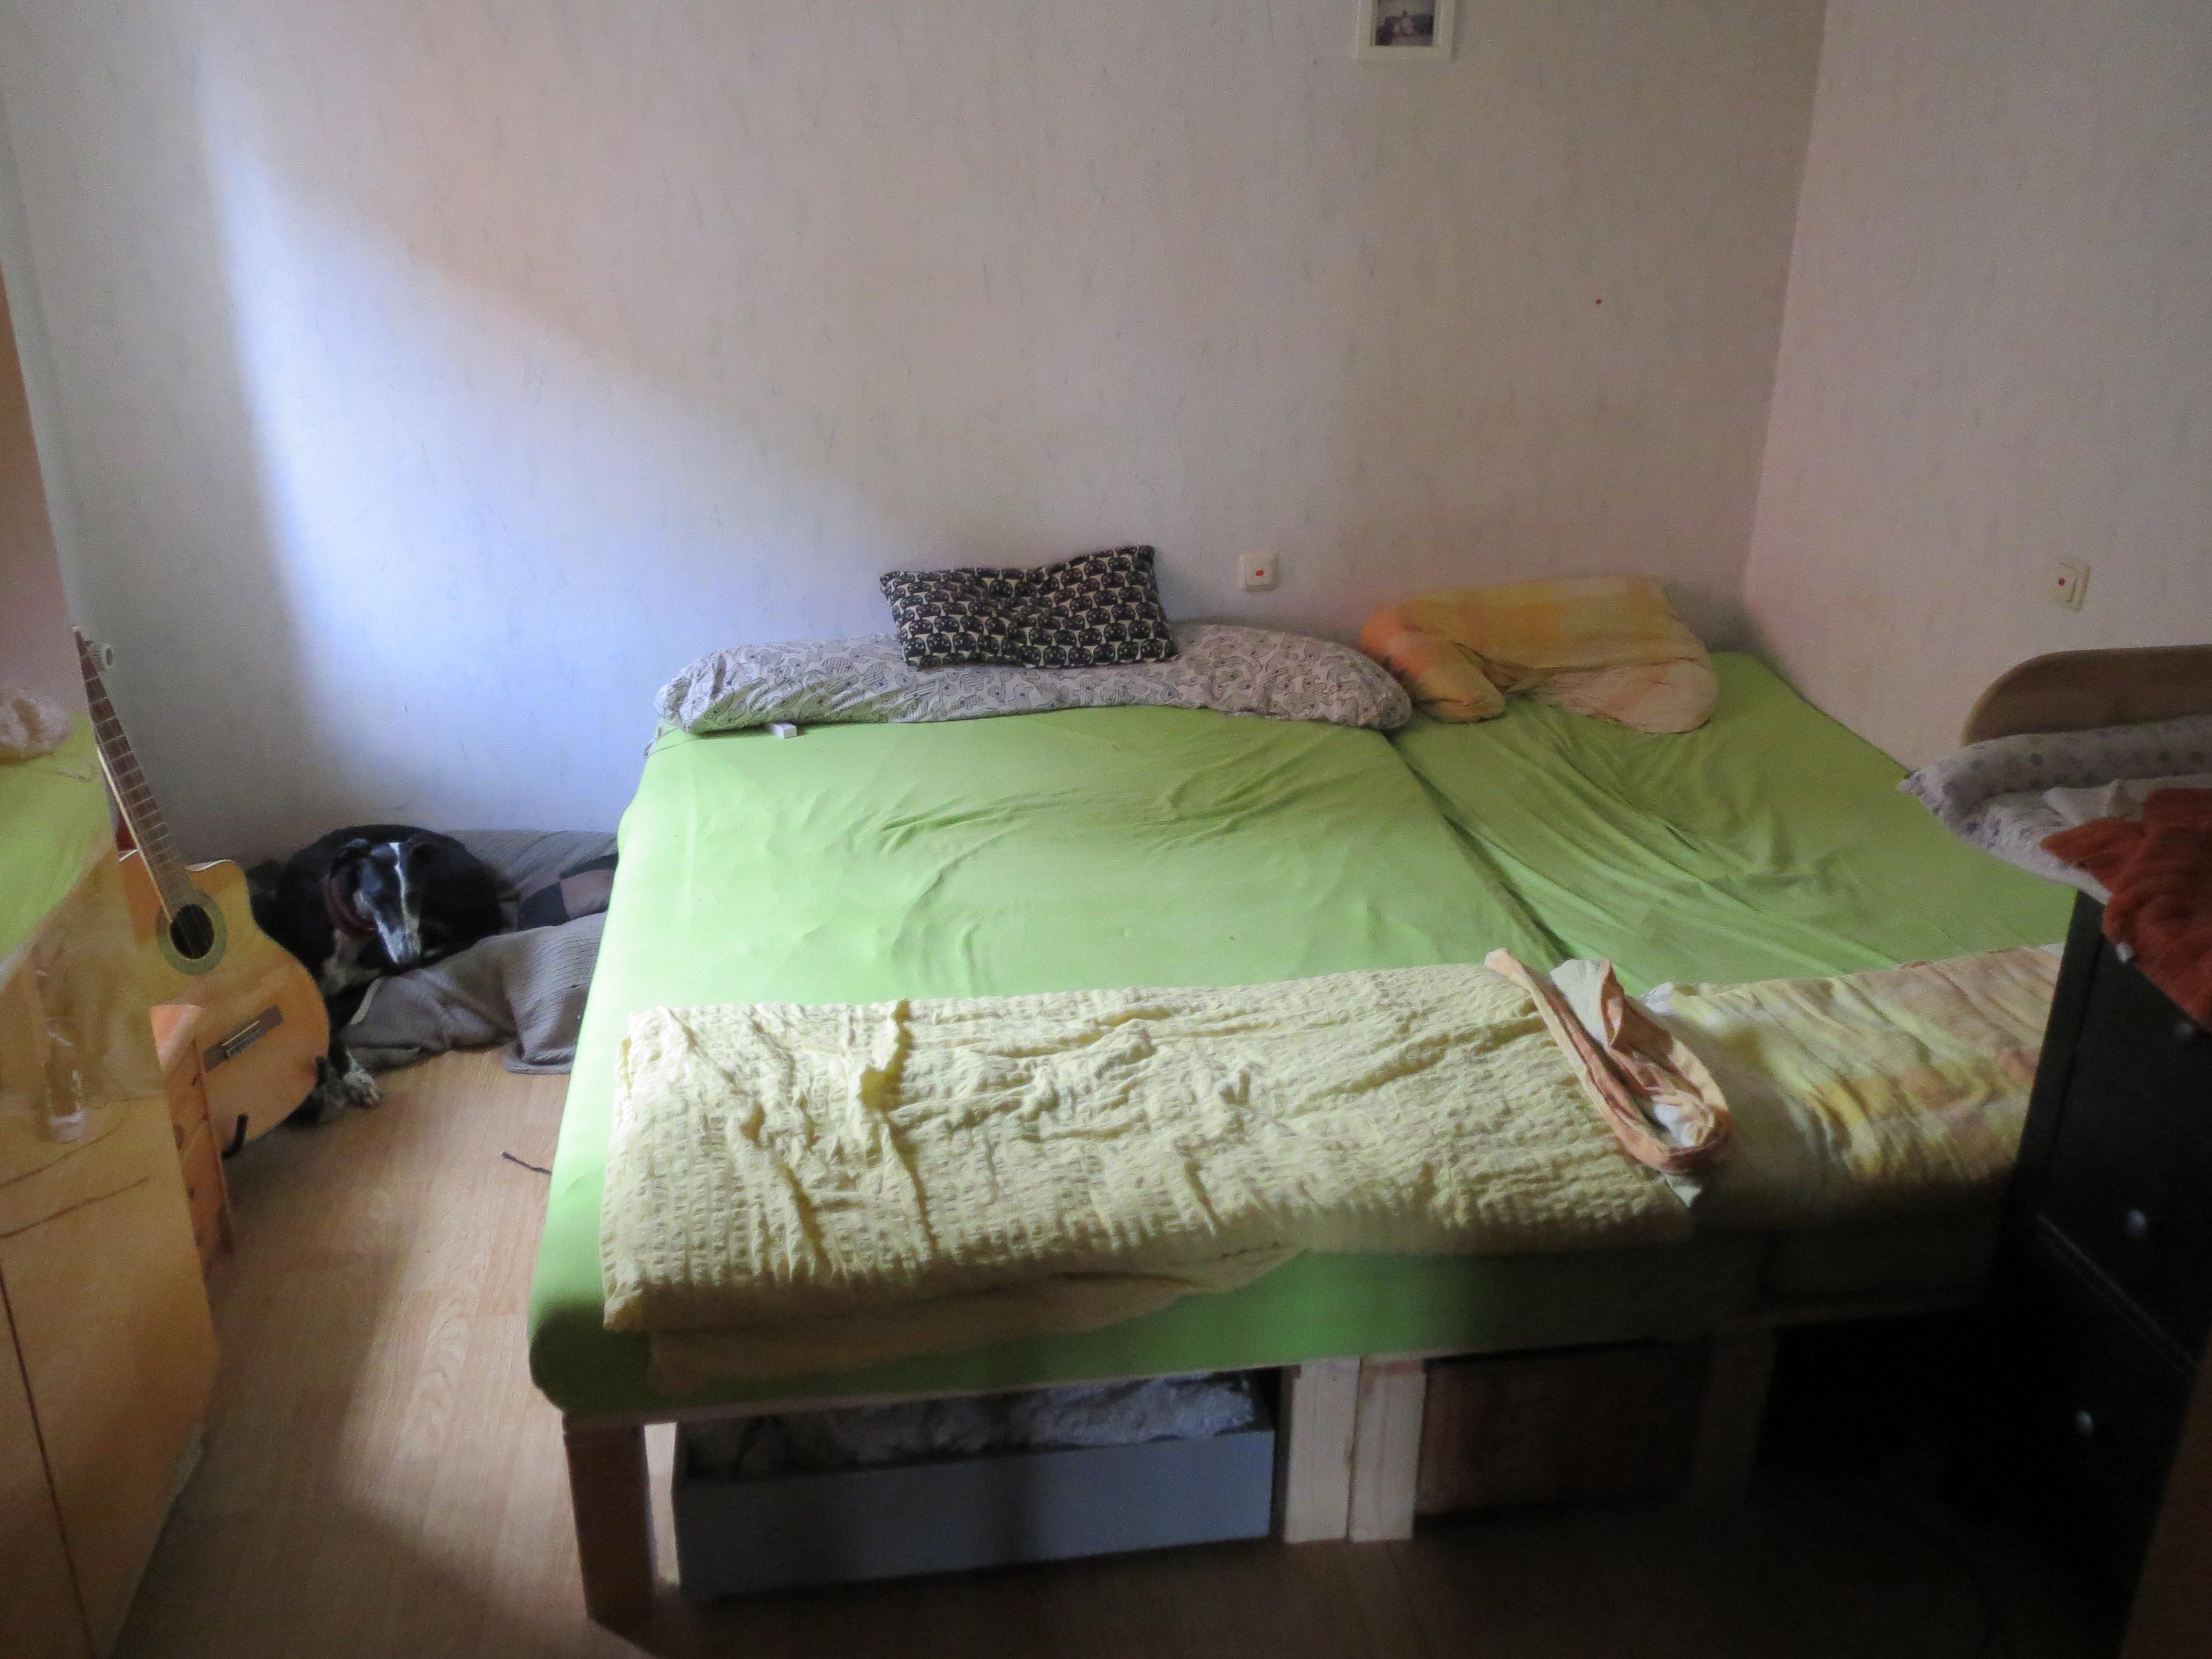 Ein Bett Für Die Ganze Familie Permakulturverein Waldgeister E V